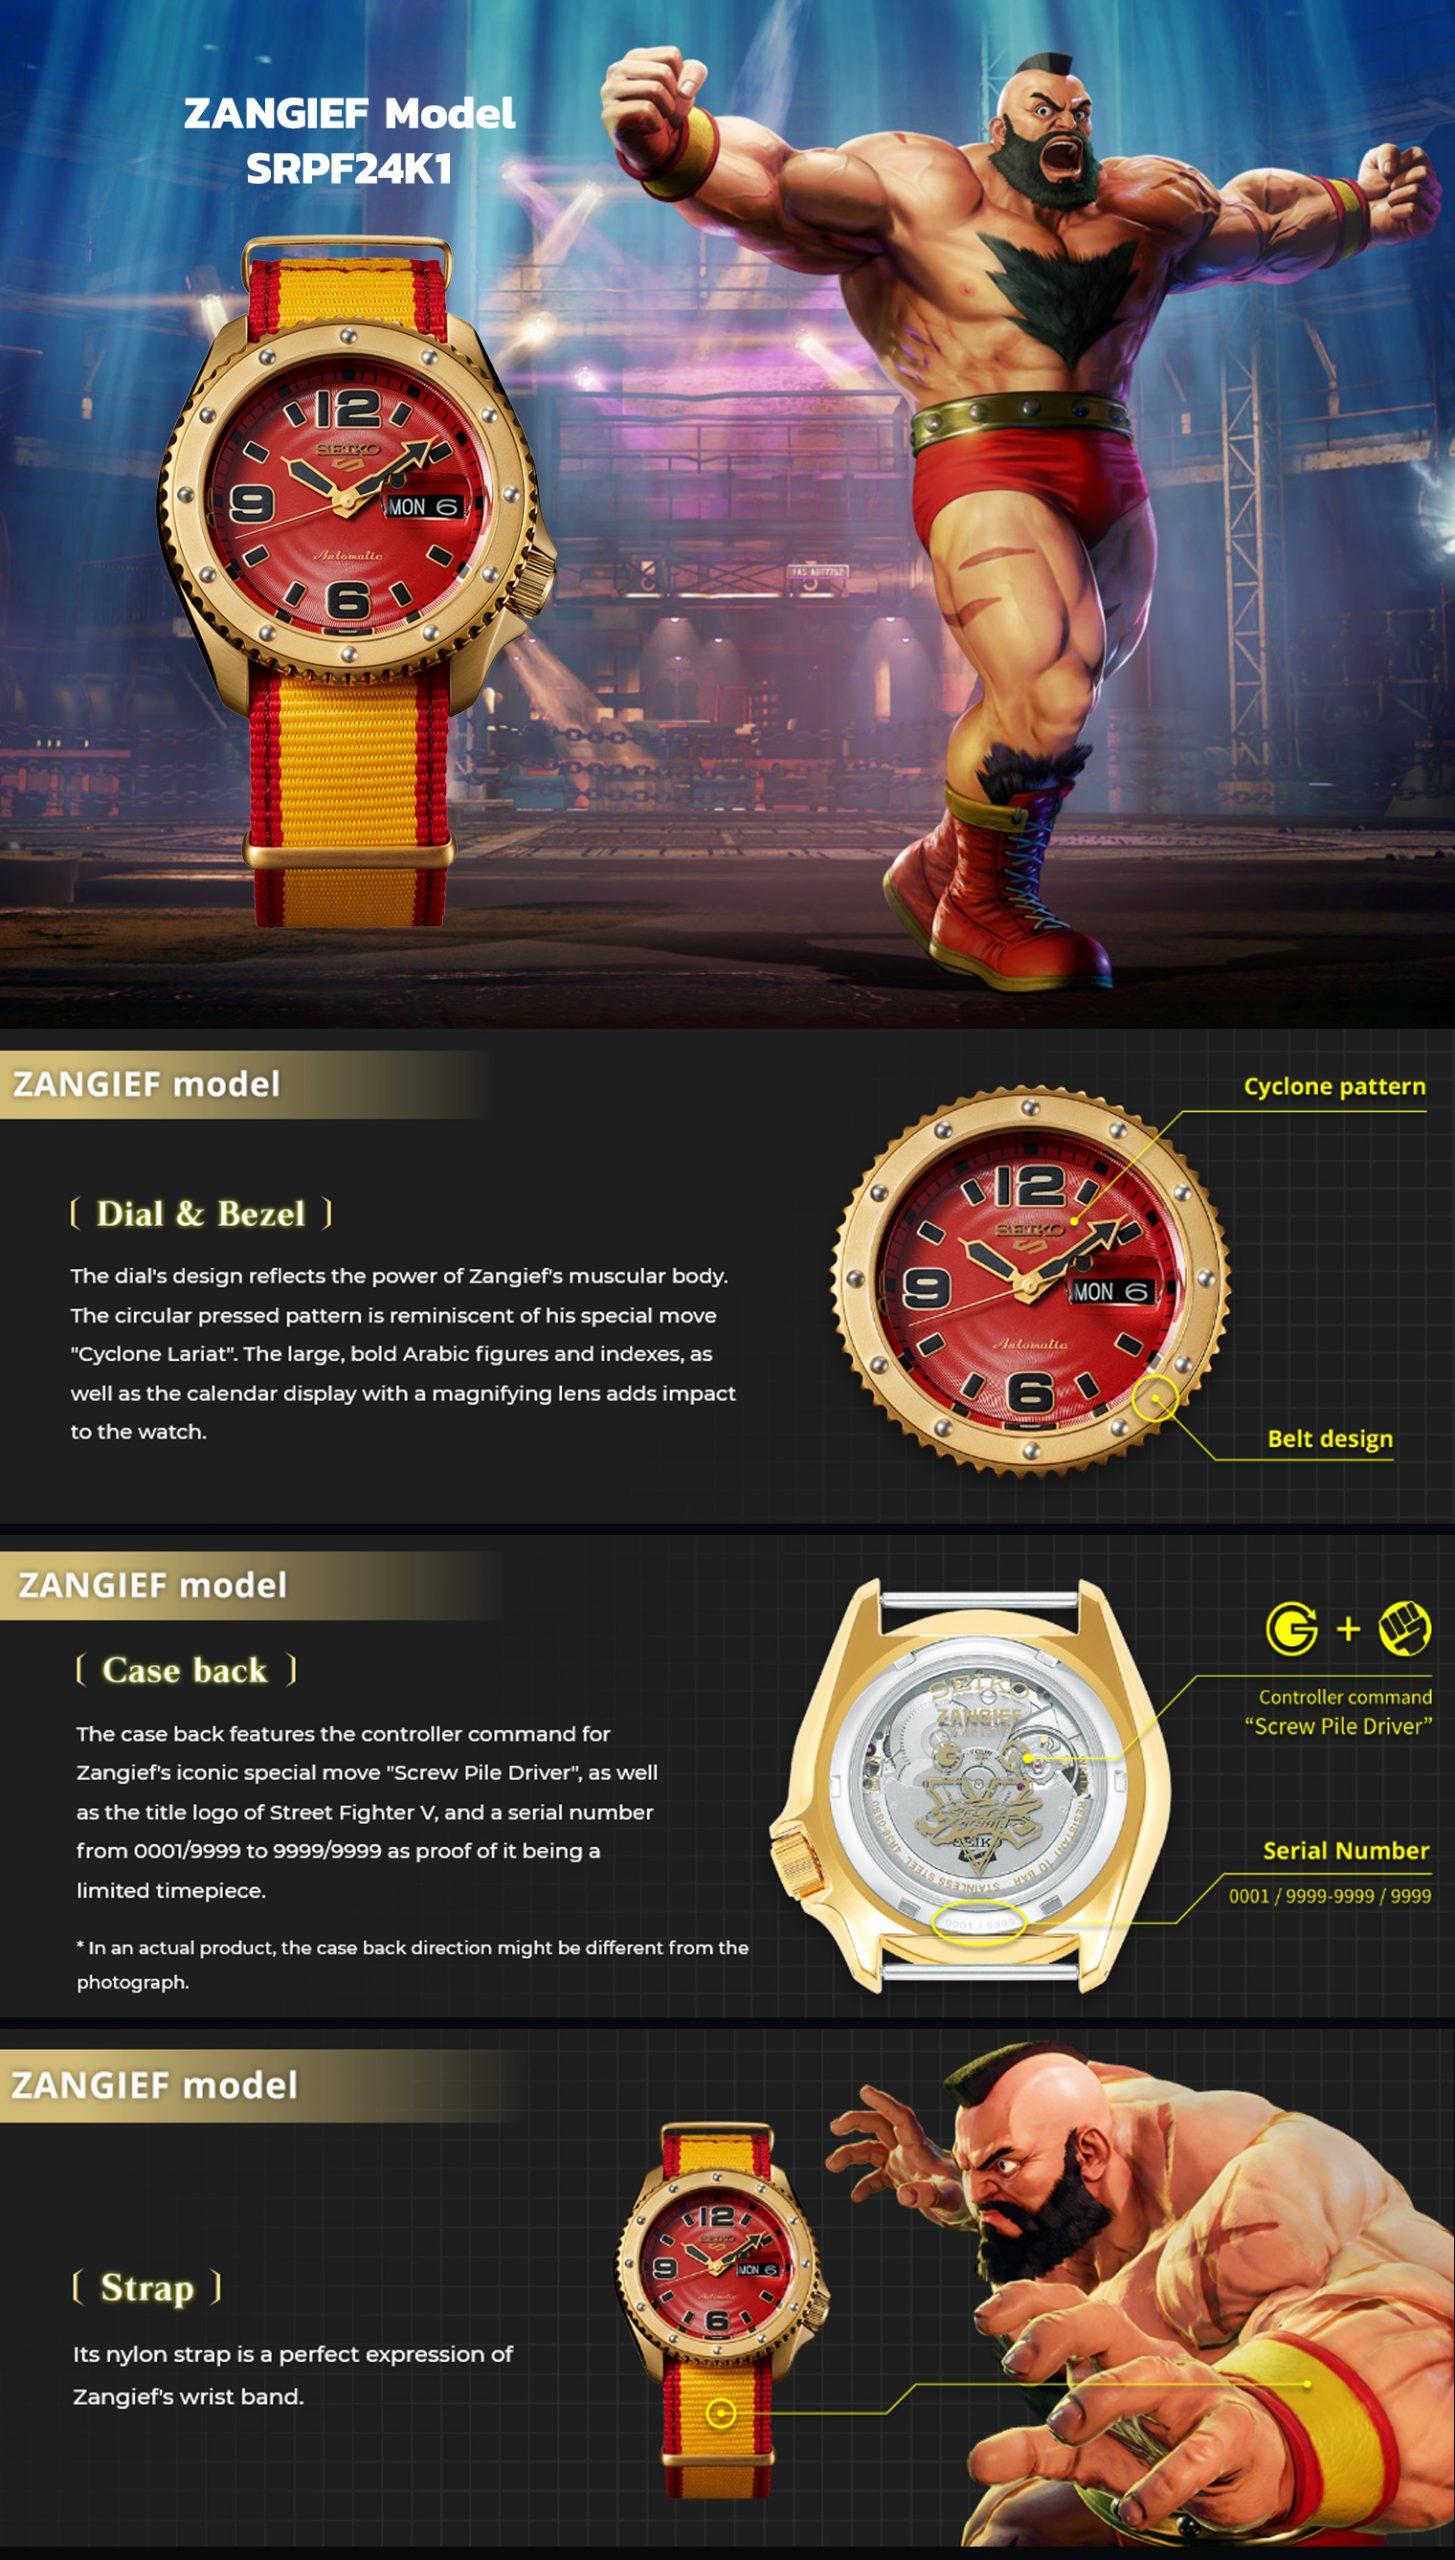 Seiko 5 Sports SRPF24K1 Features